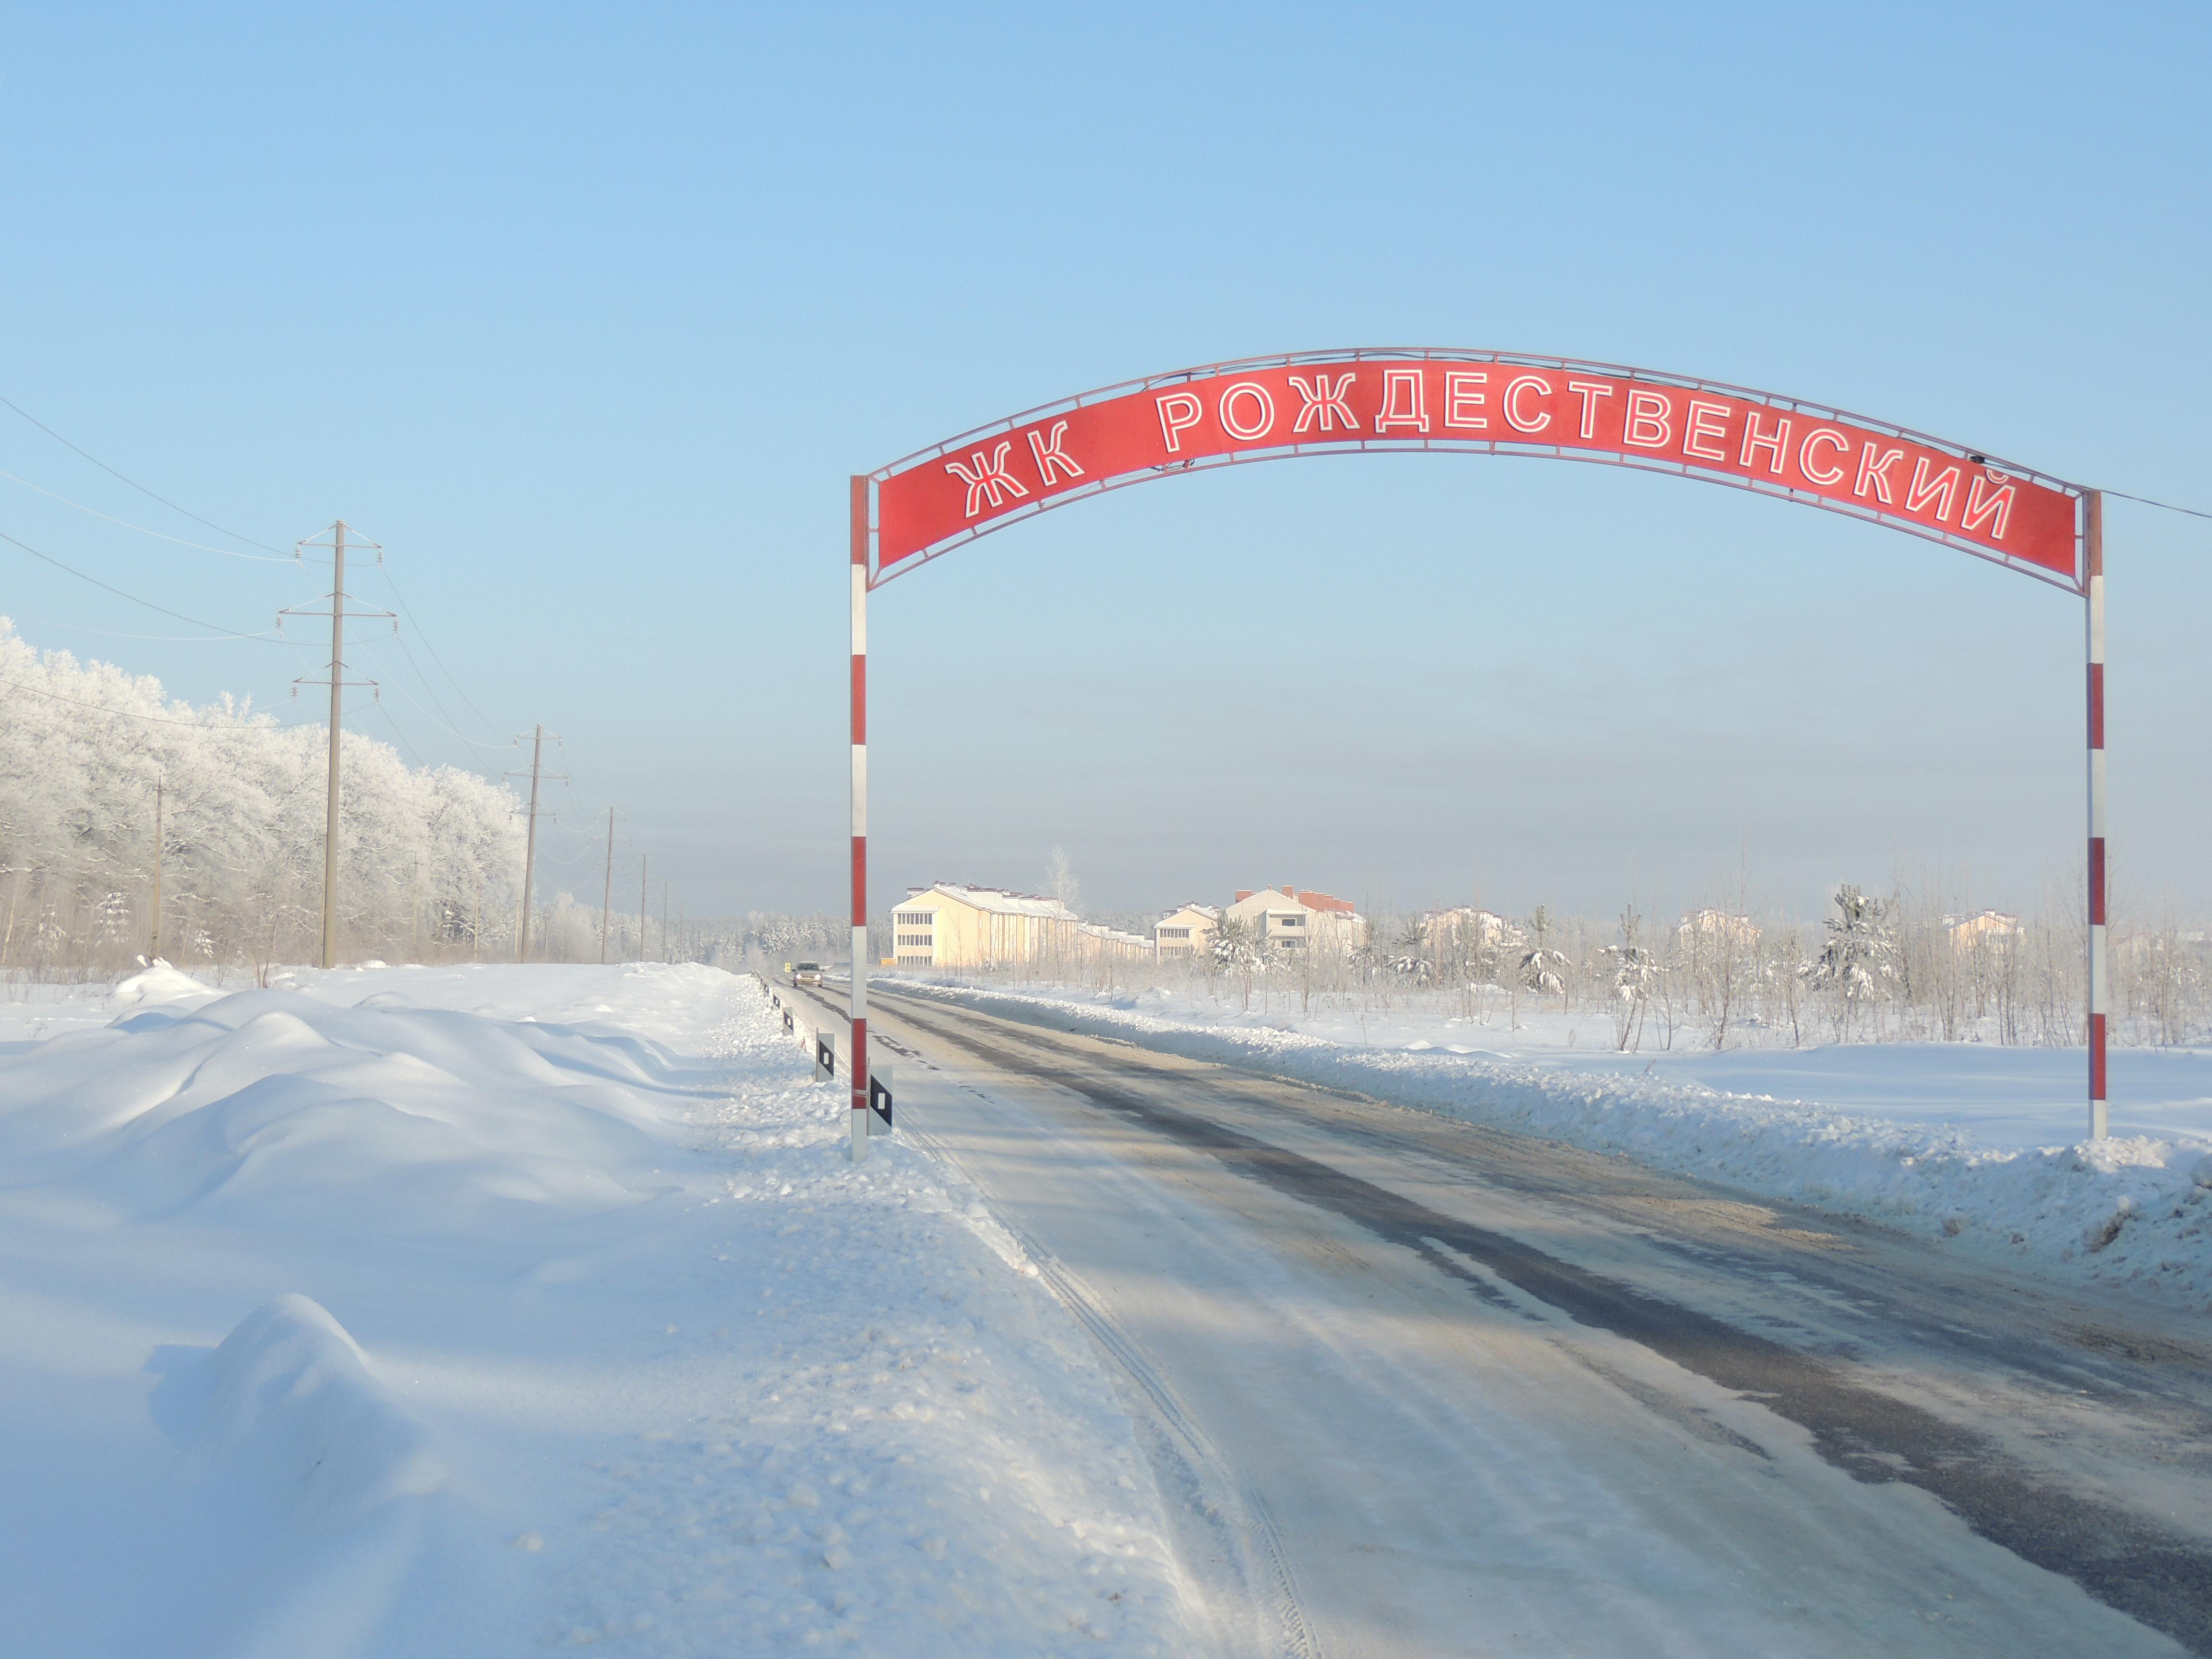 ЖК Рождественский